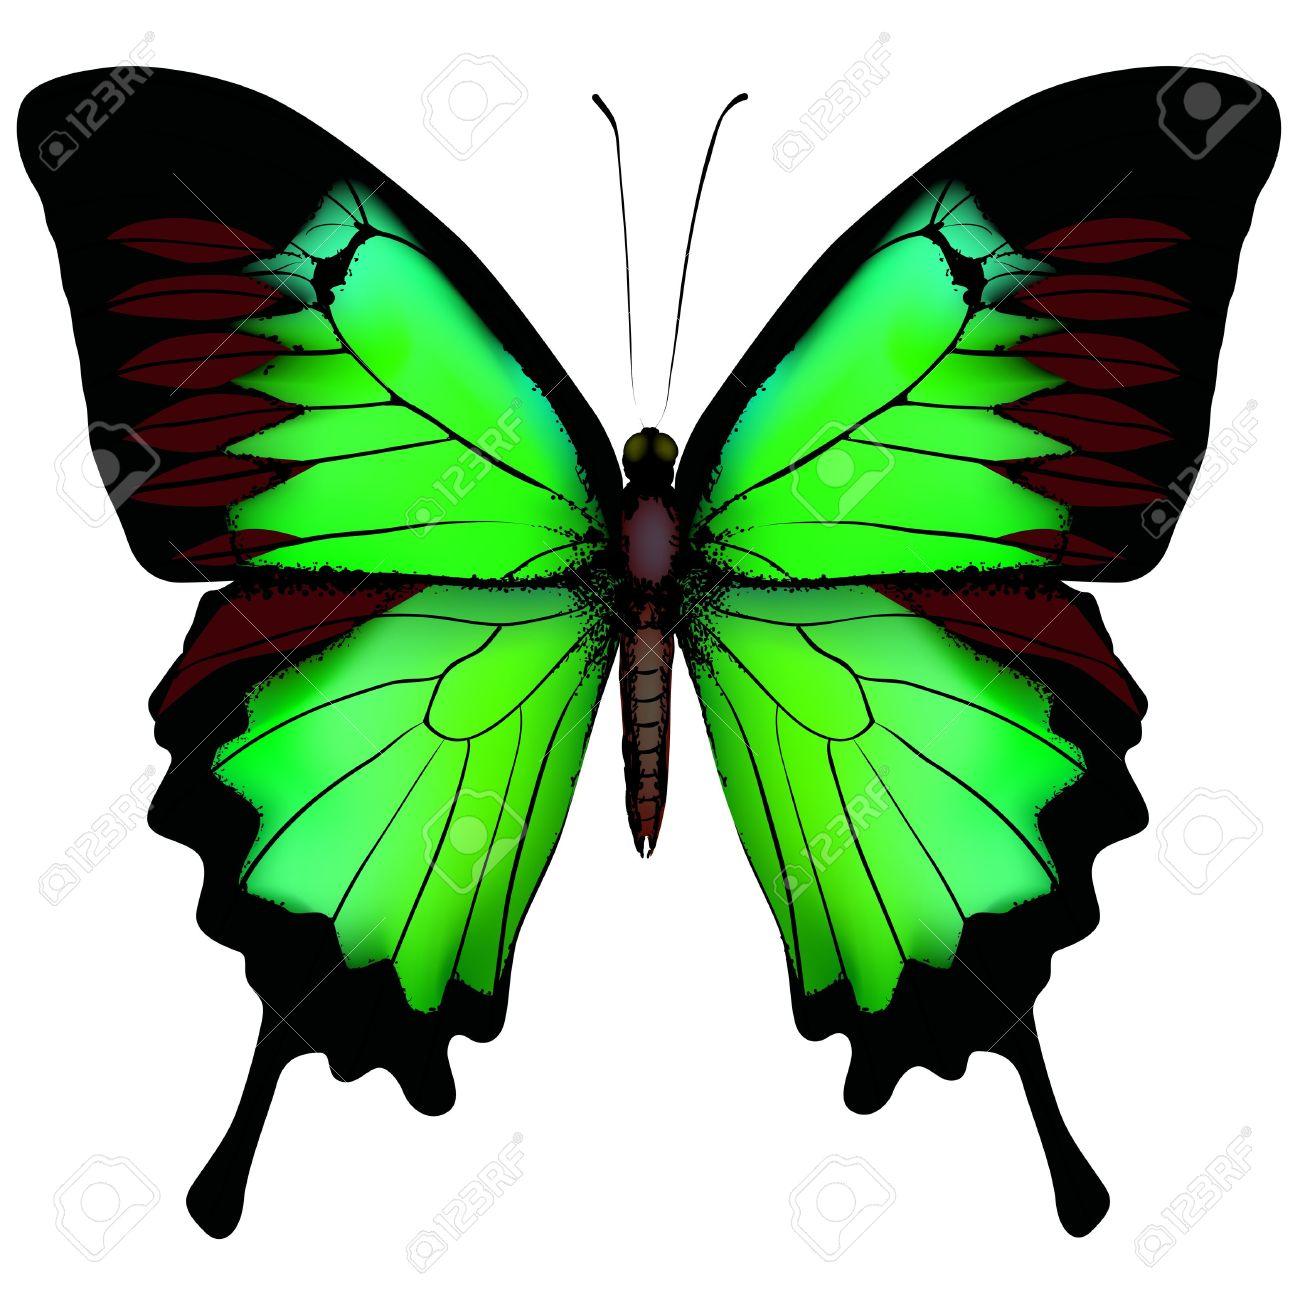 green-butterfly.jpg